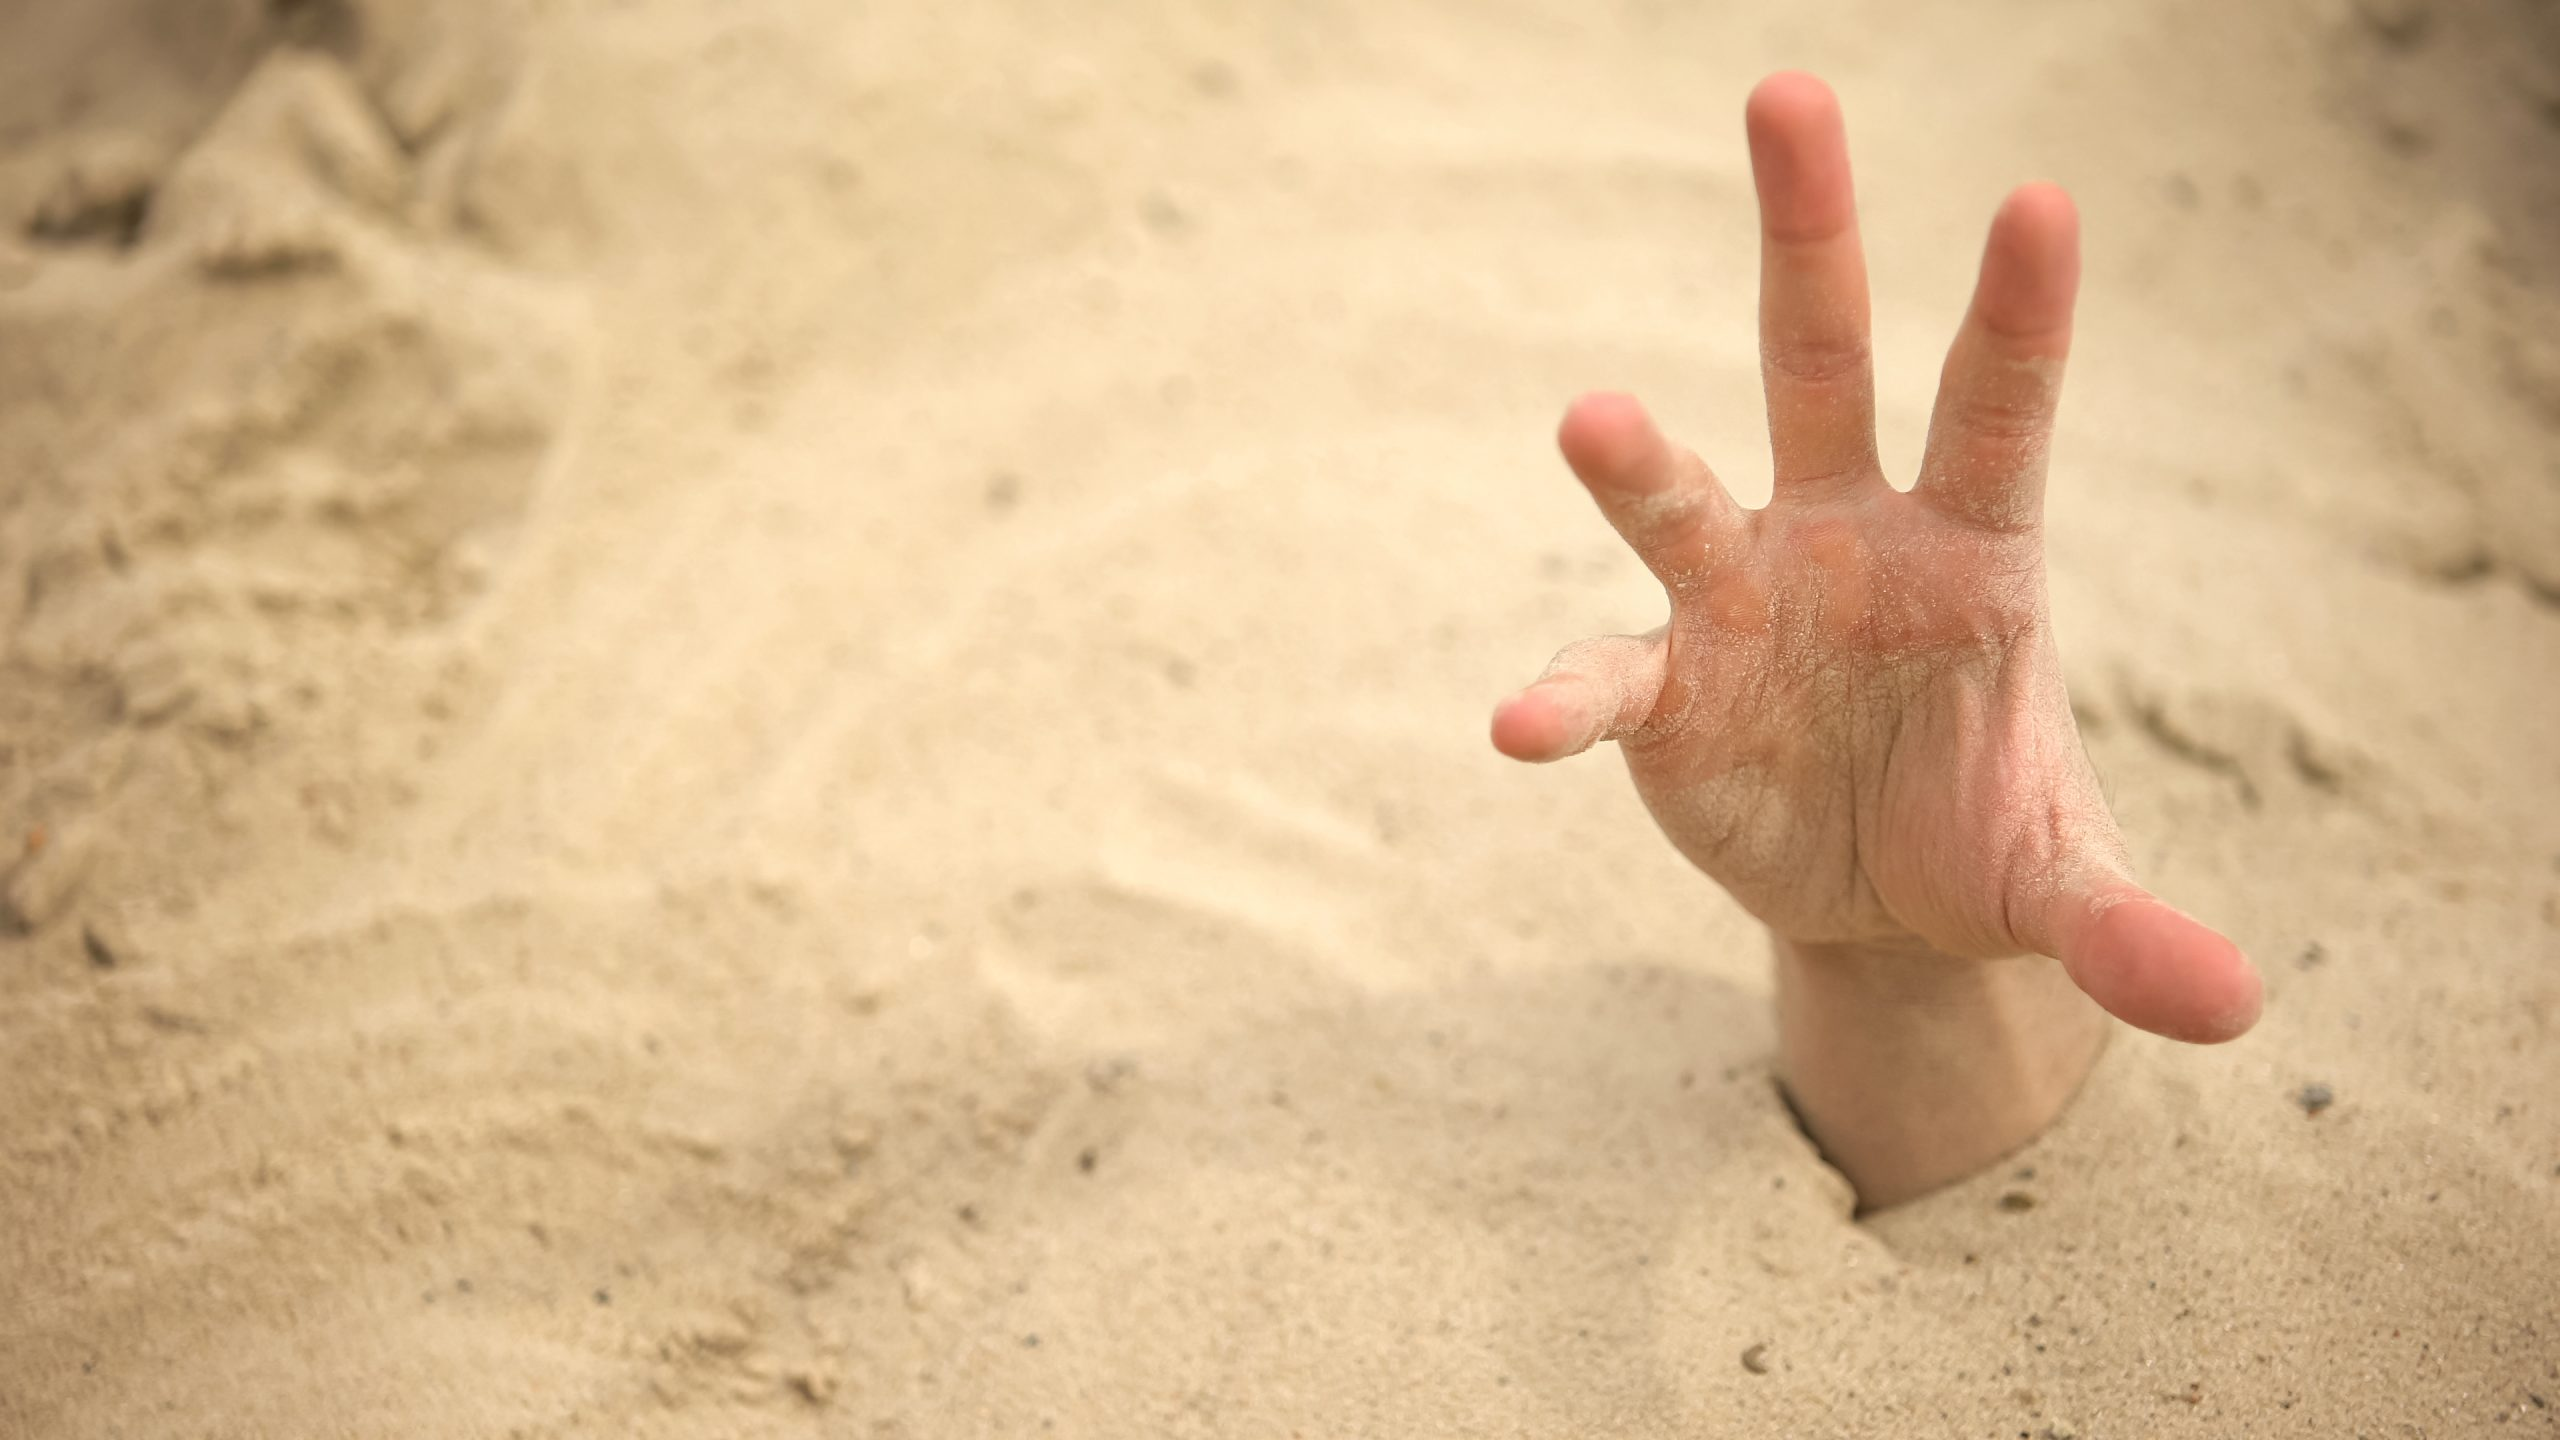 Une main qui sort du sable pour imager le piège